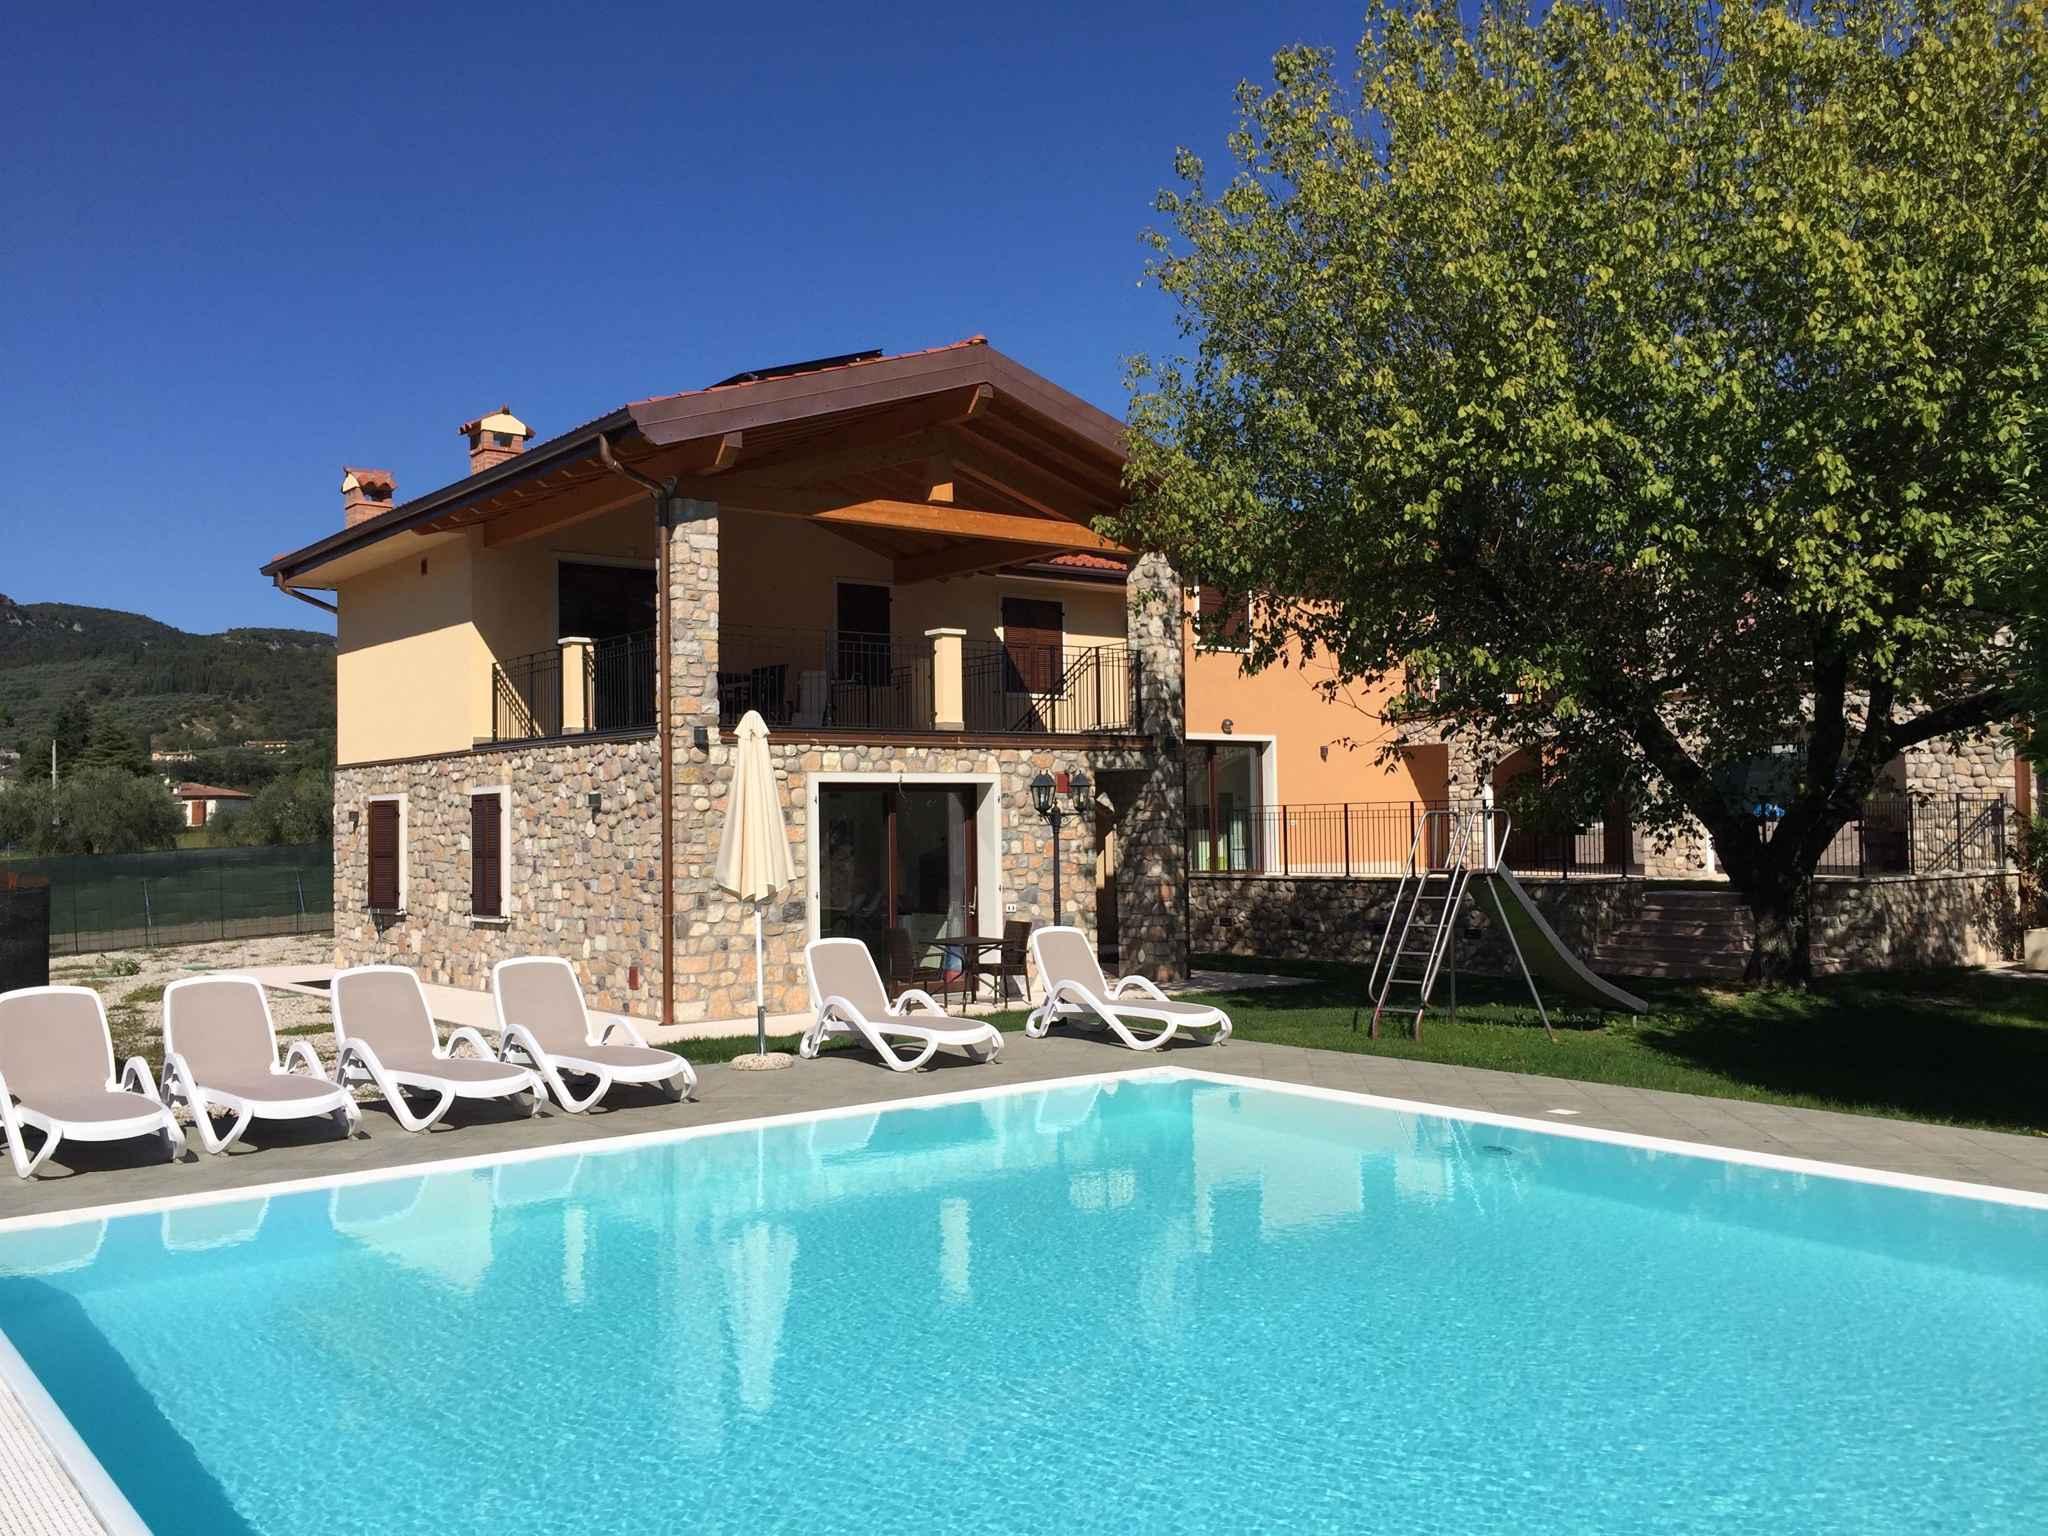 Ferienwohnung Residenz Rustico (279544), Garda, Gardasee, Venetien, Italien, Bild 4